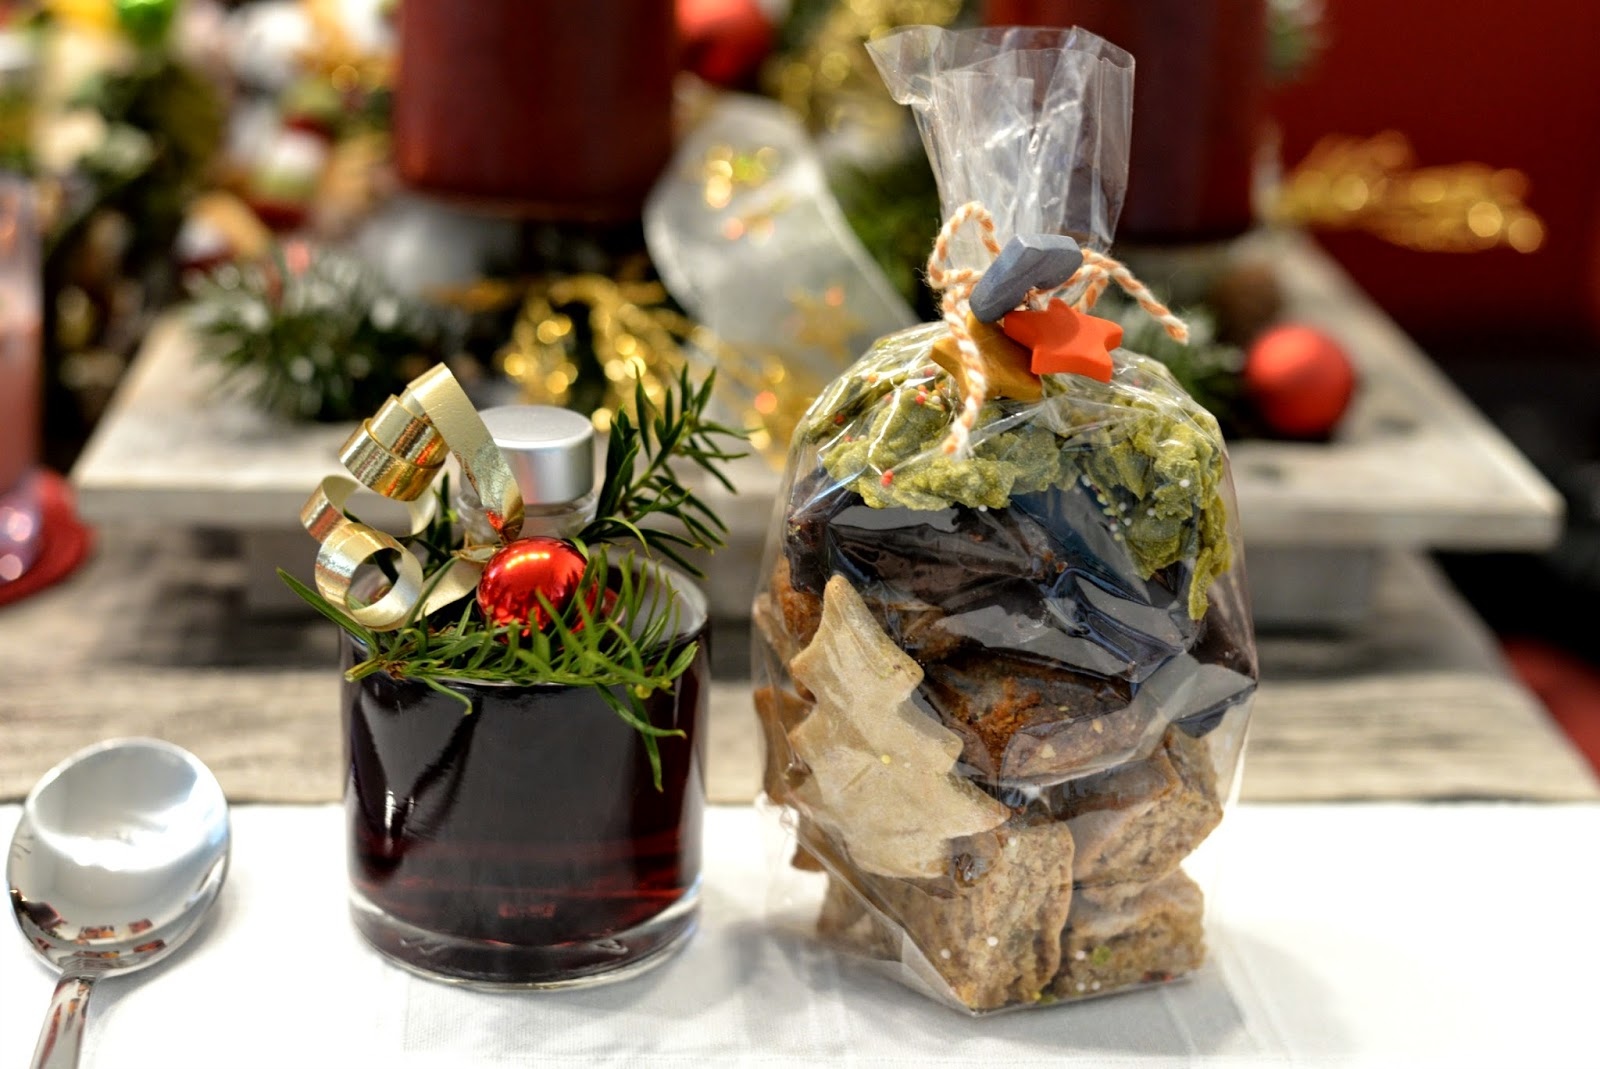 Rotweinlikör, Likör, Mitbringsel, Geschenke, Kekse, vegan, dinner, weihnachten, weihnachtsdinner, advent